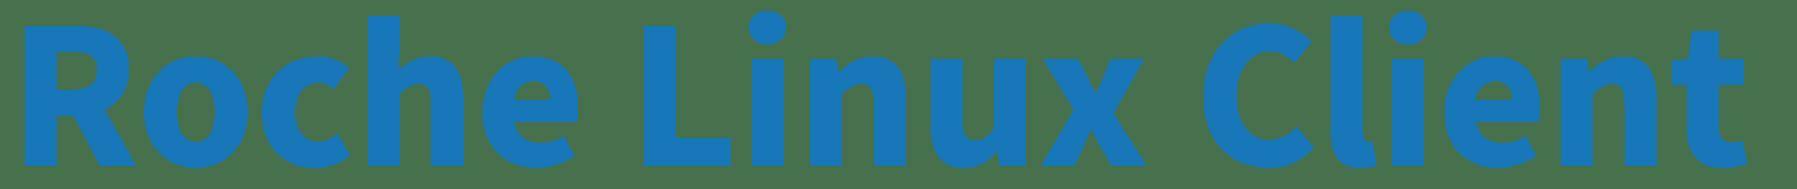 roche_linux_client_Zeichenfläche 1